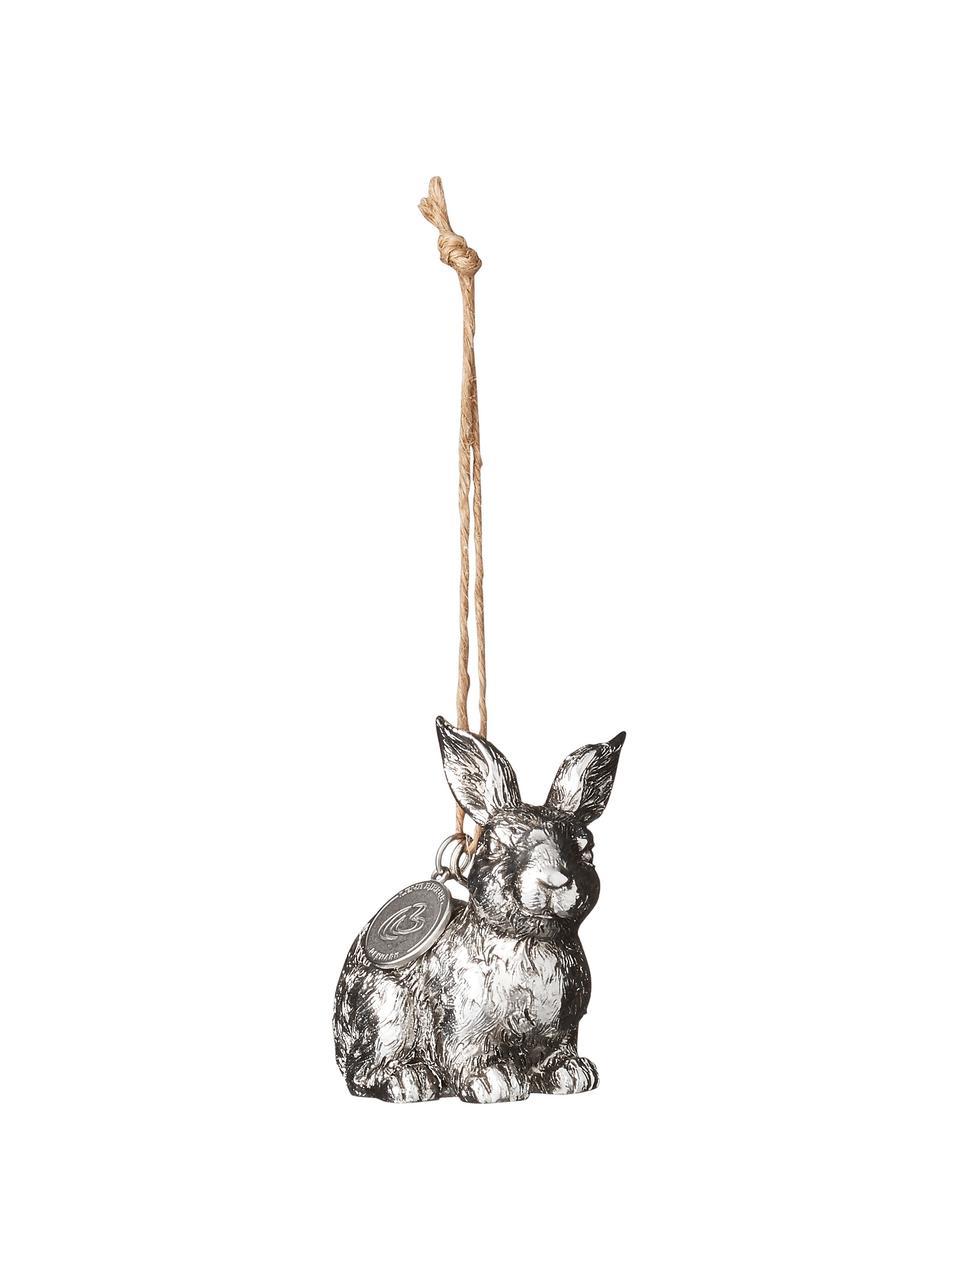 Dekoracja wisząca Bunny, 2 szt., Tworzywo sztuczne, Odcienie srebrnego, S 4 x W 6 cm